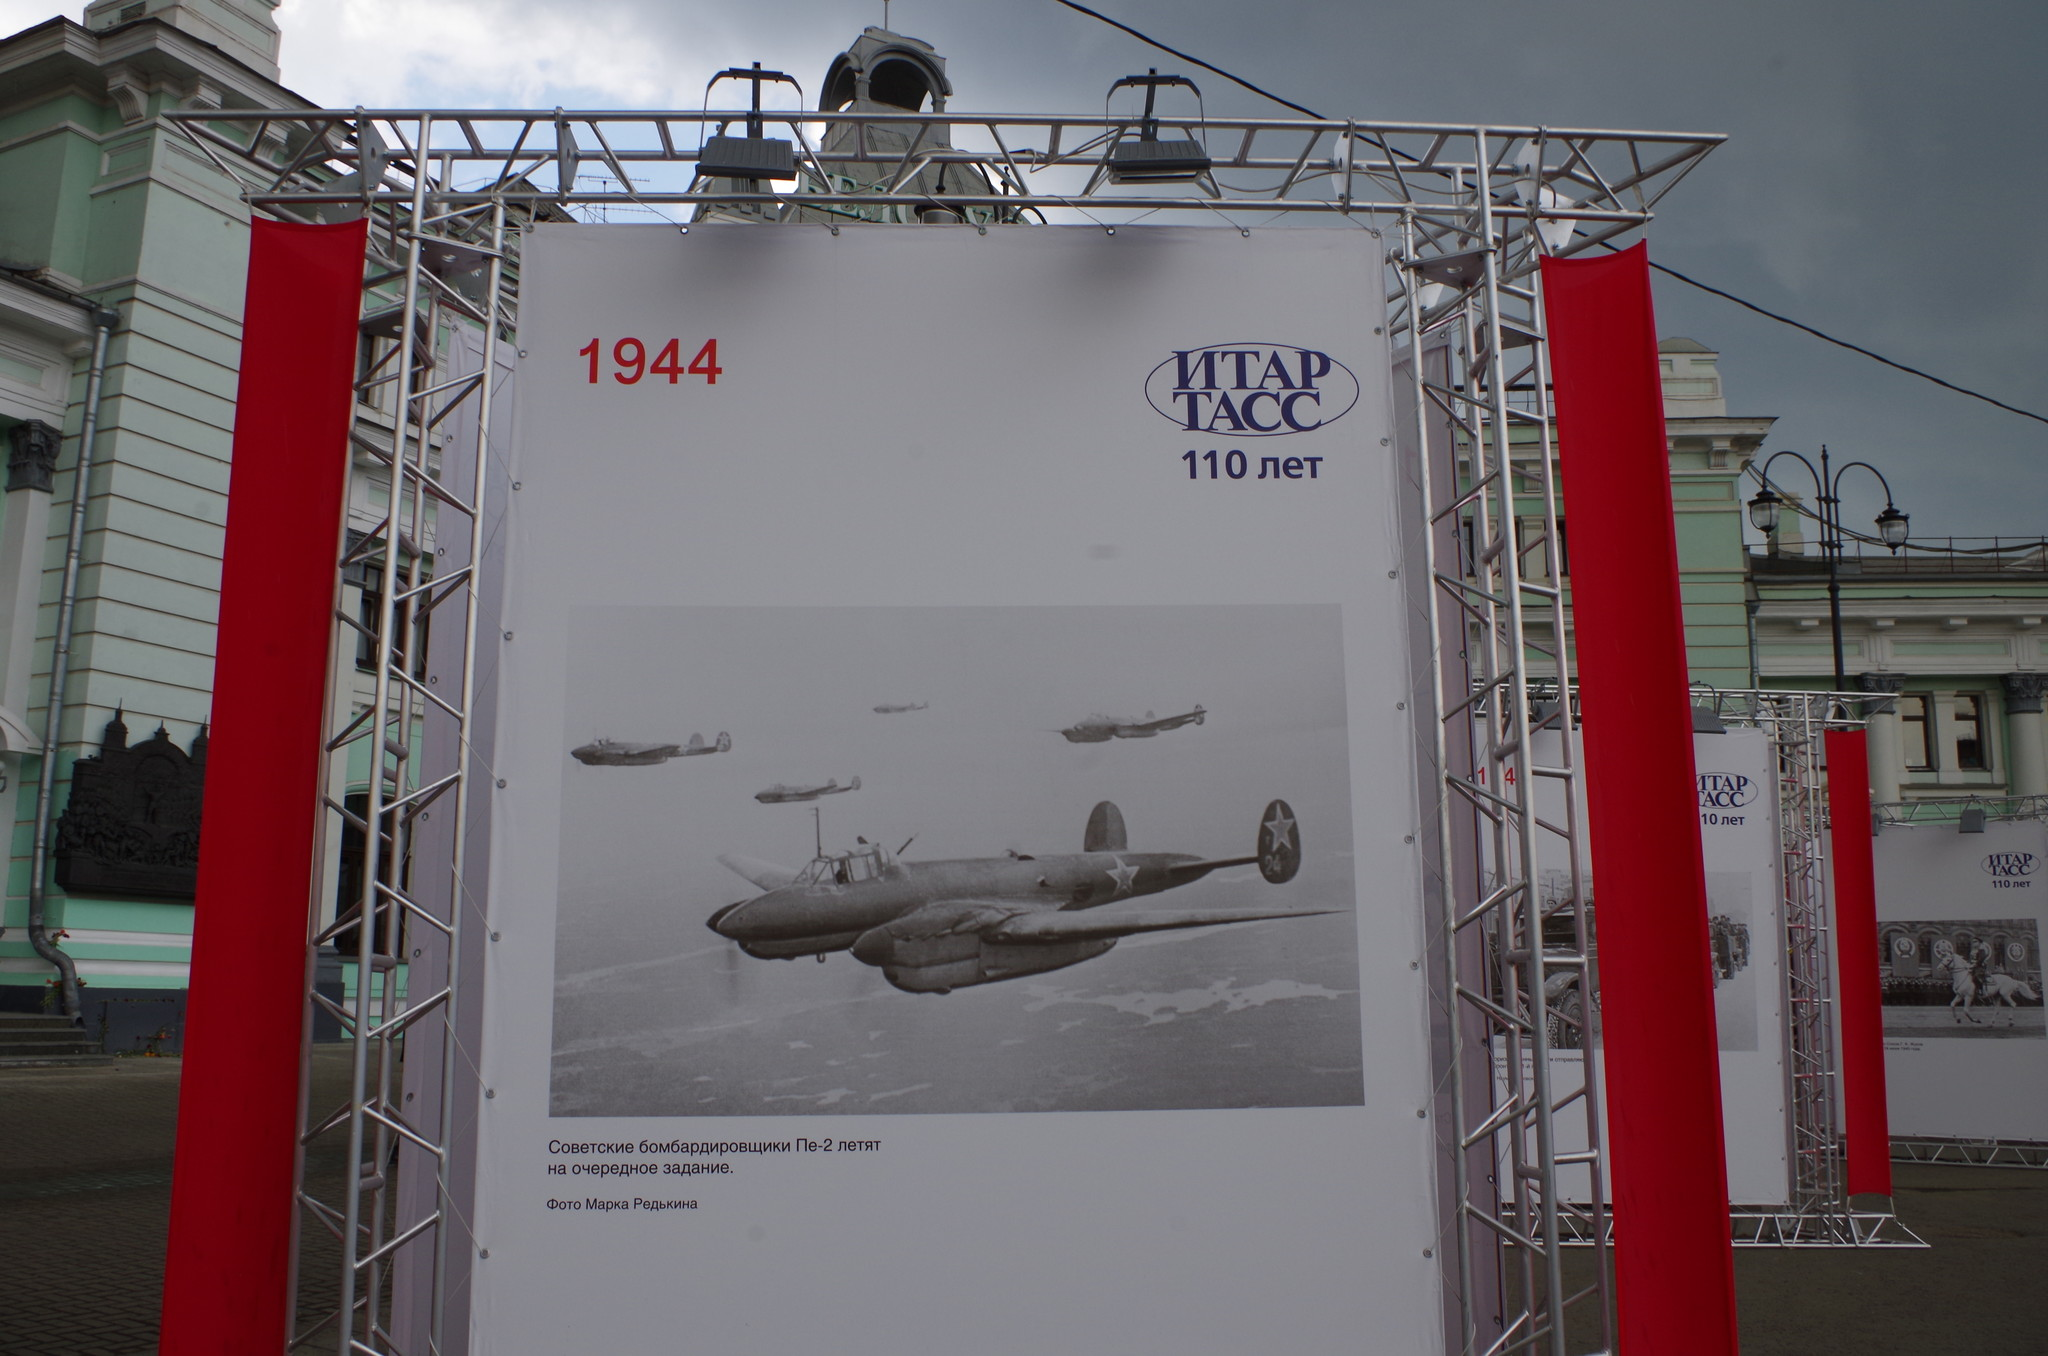 Советские бомбардировщики Пе-2 летят на очередное задание. Фото Марка Редькина